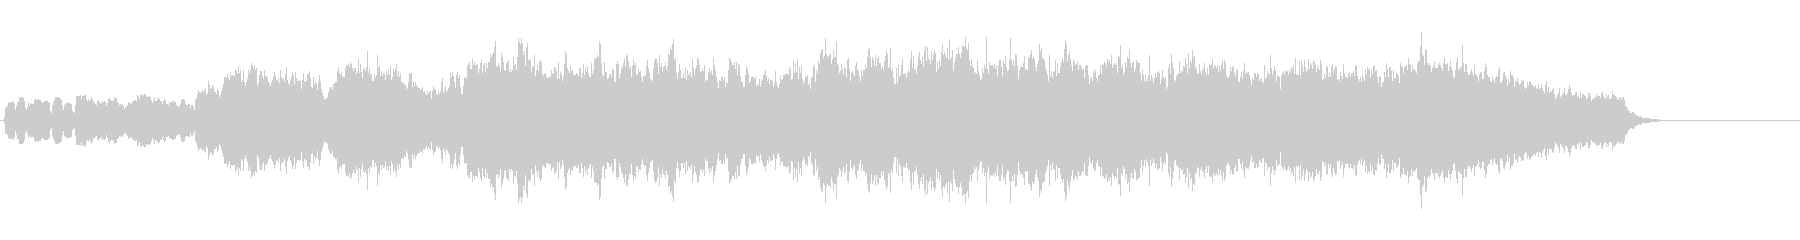 ショート・クラシック(前奏曲風)の未再生の波形